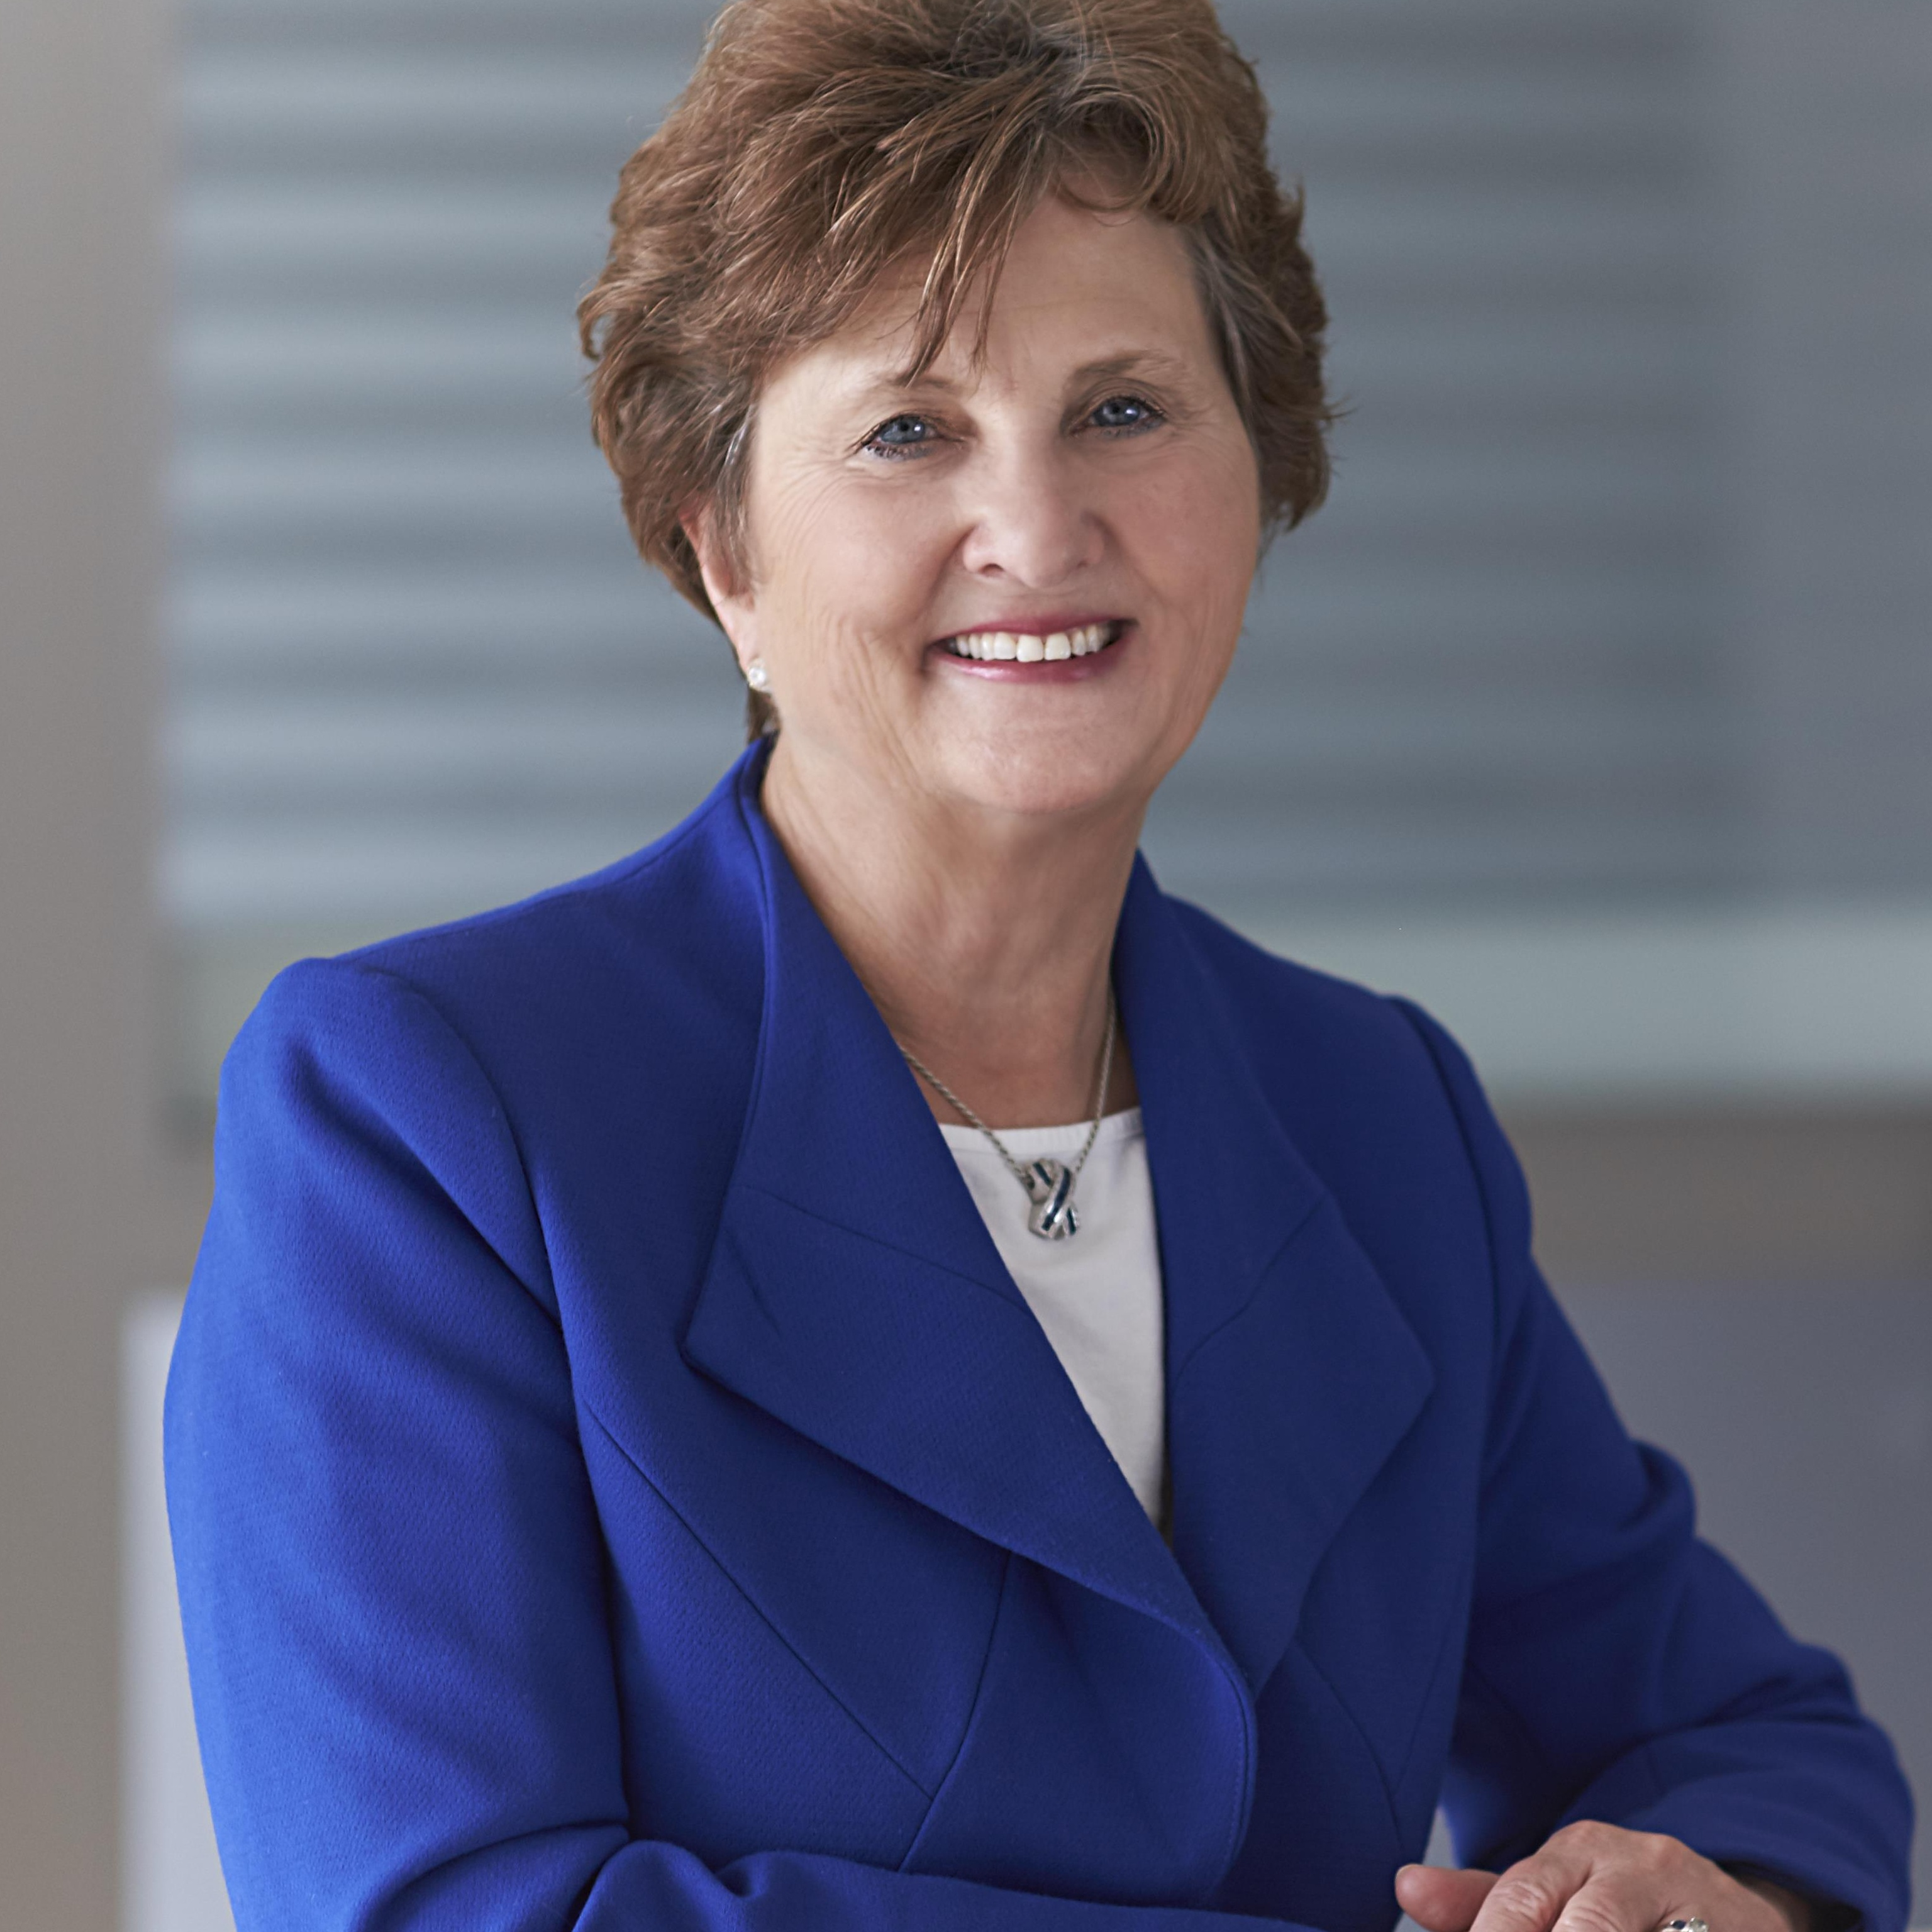 Pam Duncan